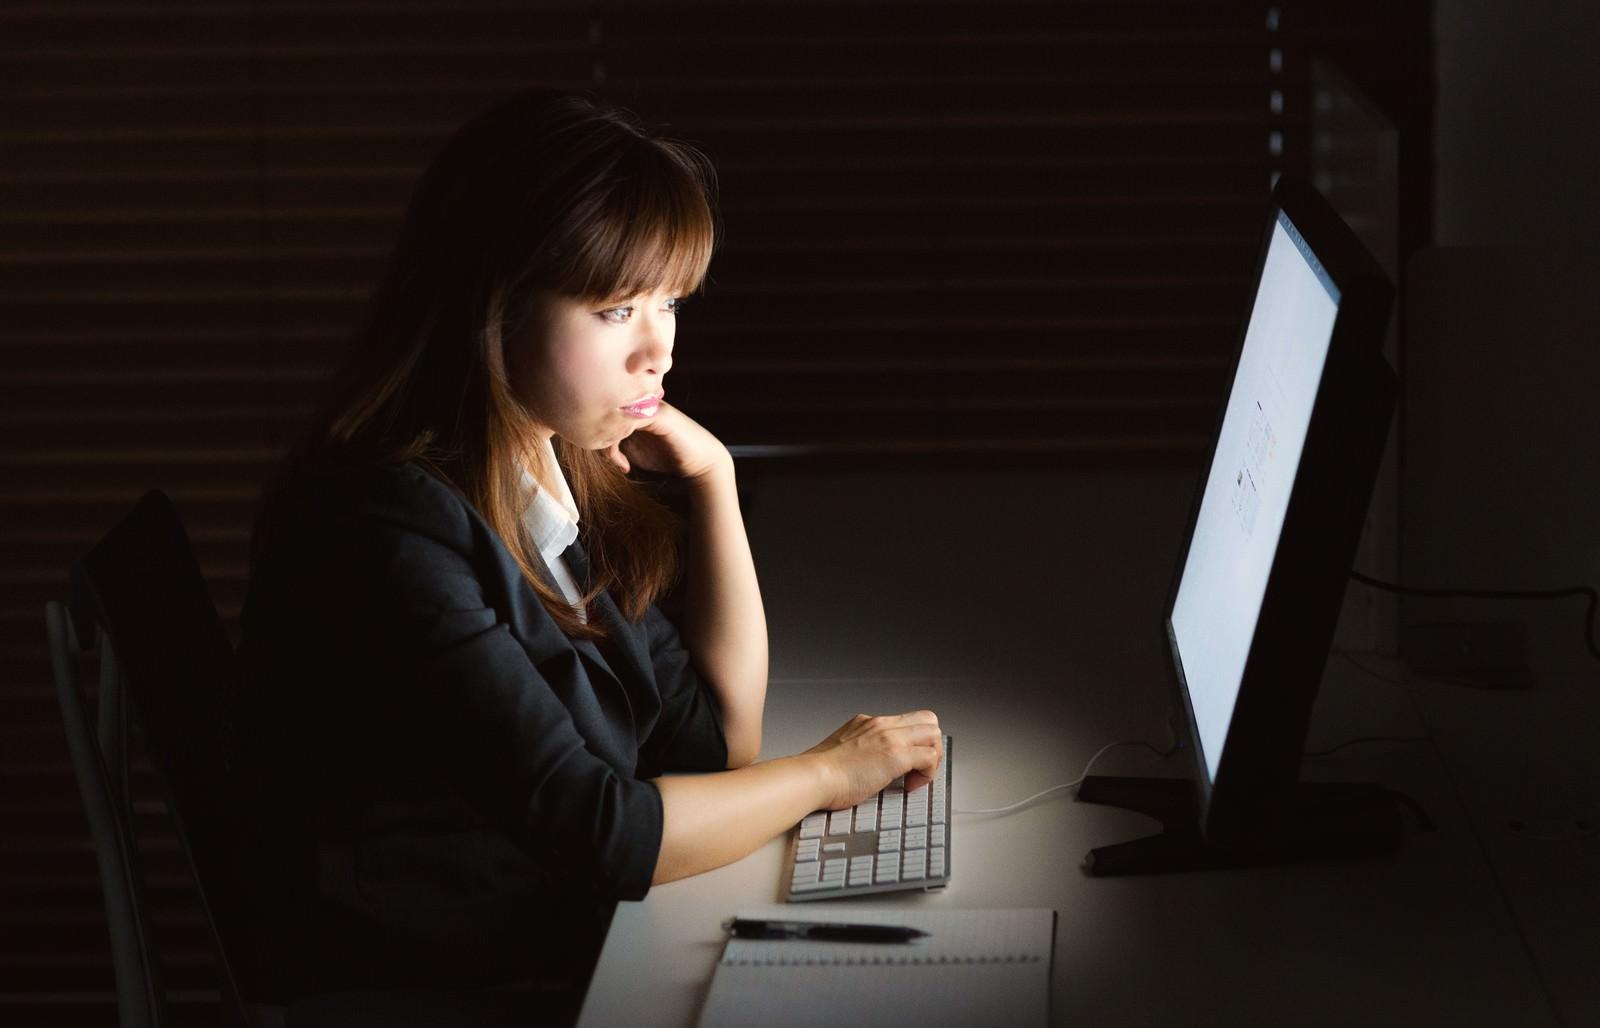 「消灯の中、残業してモニターを見つめる女性消灯の中、残業してモニターを見つめる女性」[モデル:暢子]のフリー写真素材を拡大